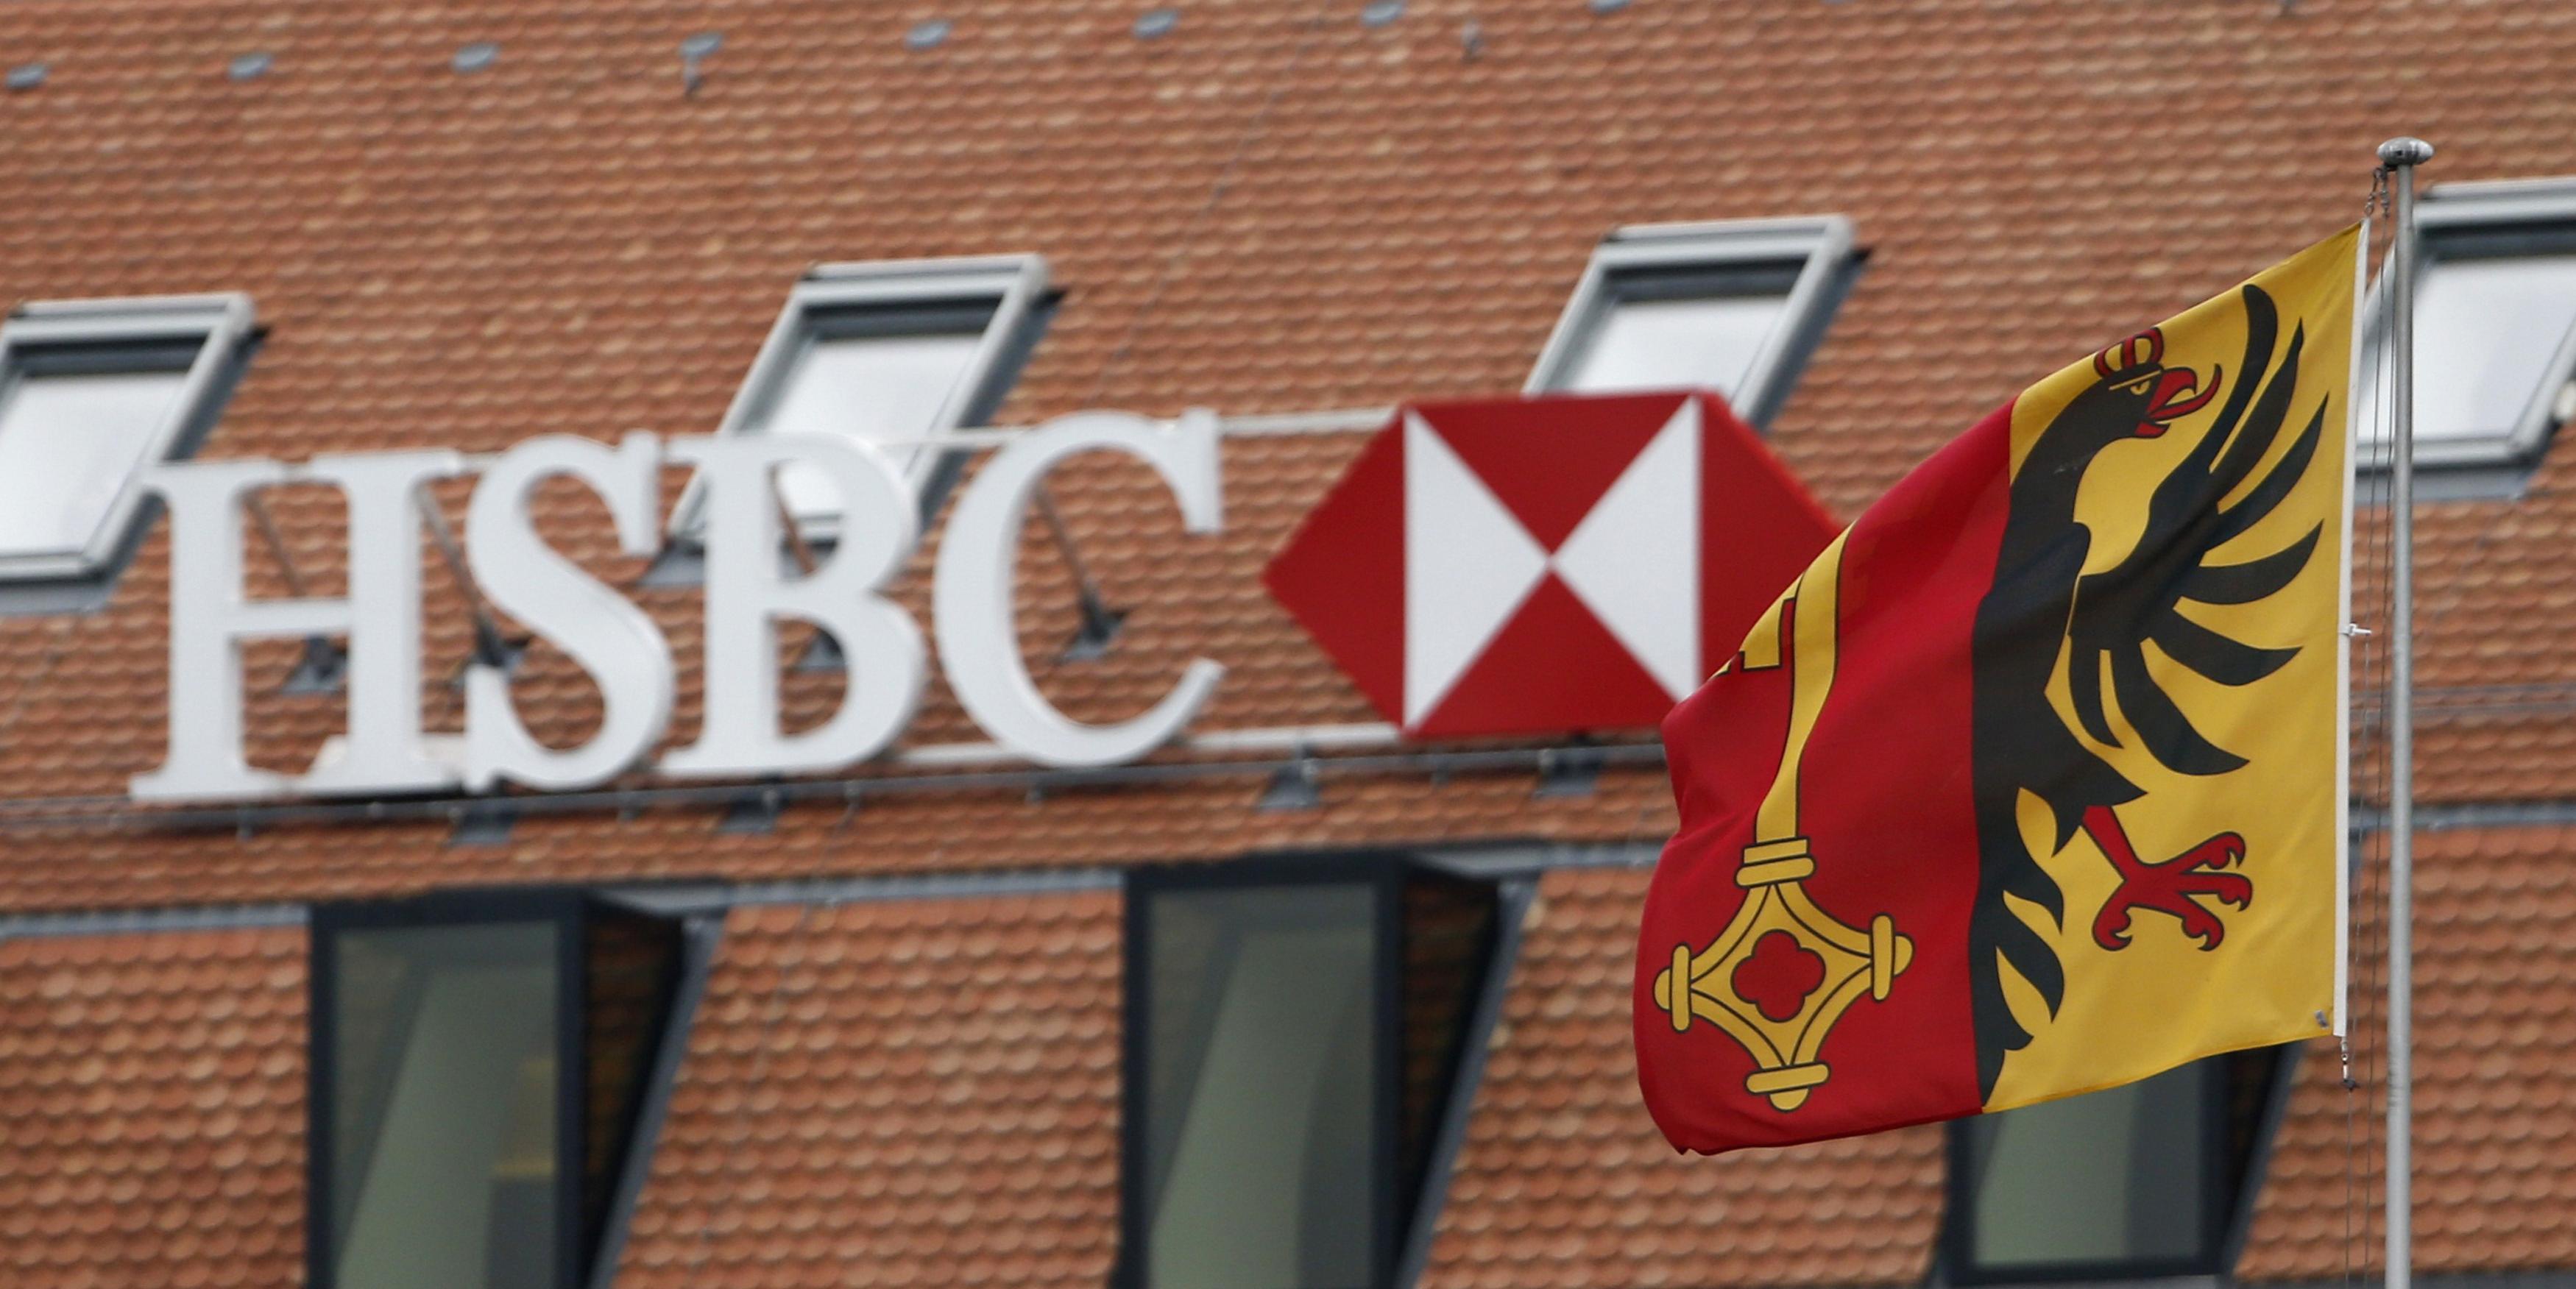 geneve-suisse-branche-suisse-de-la-banque-hsbc